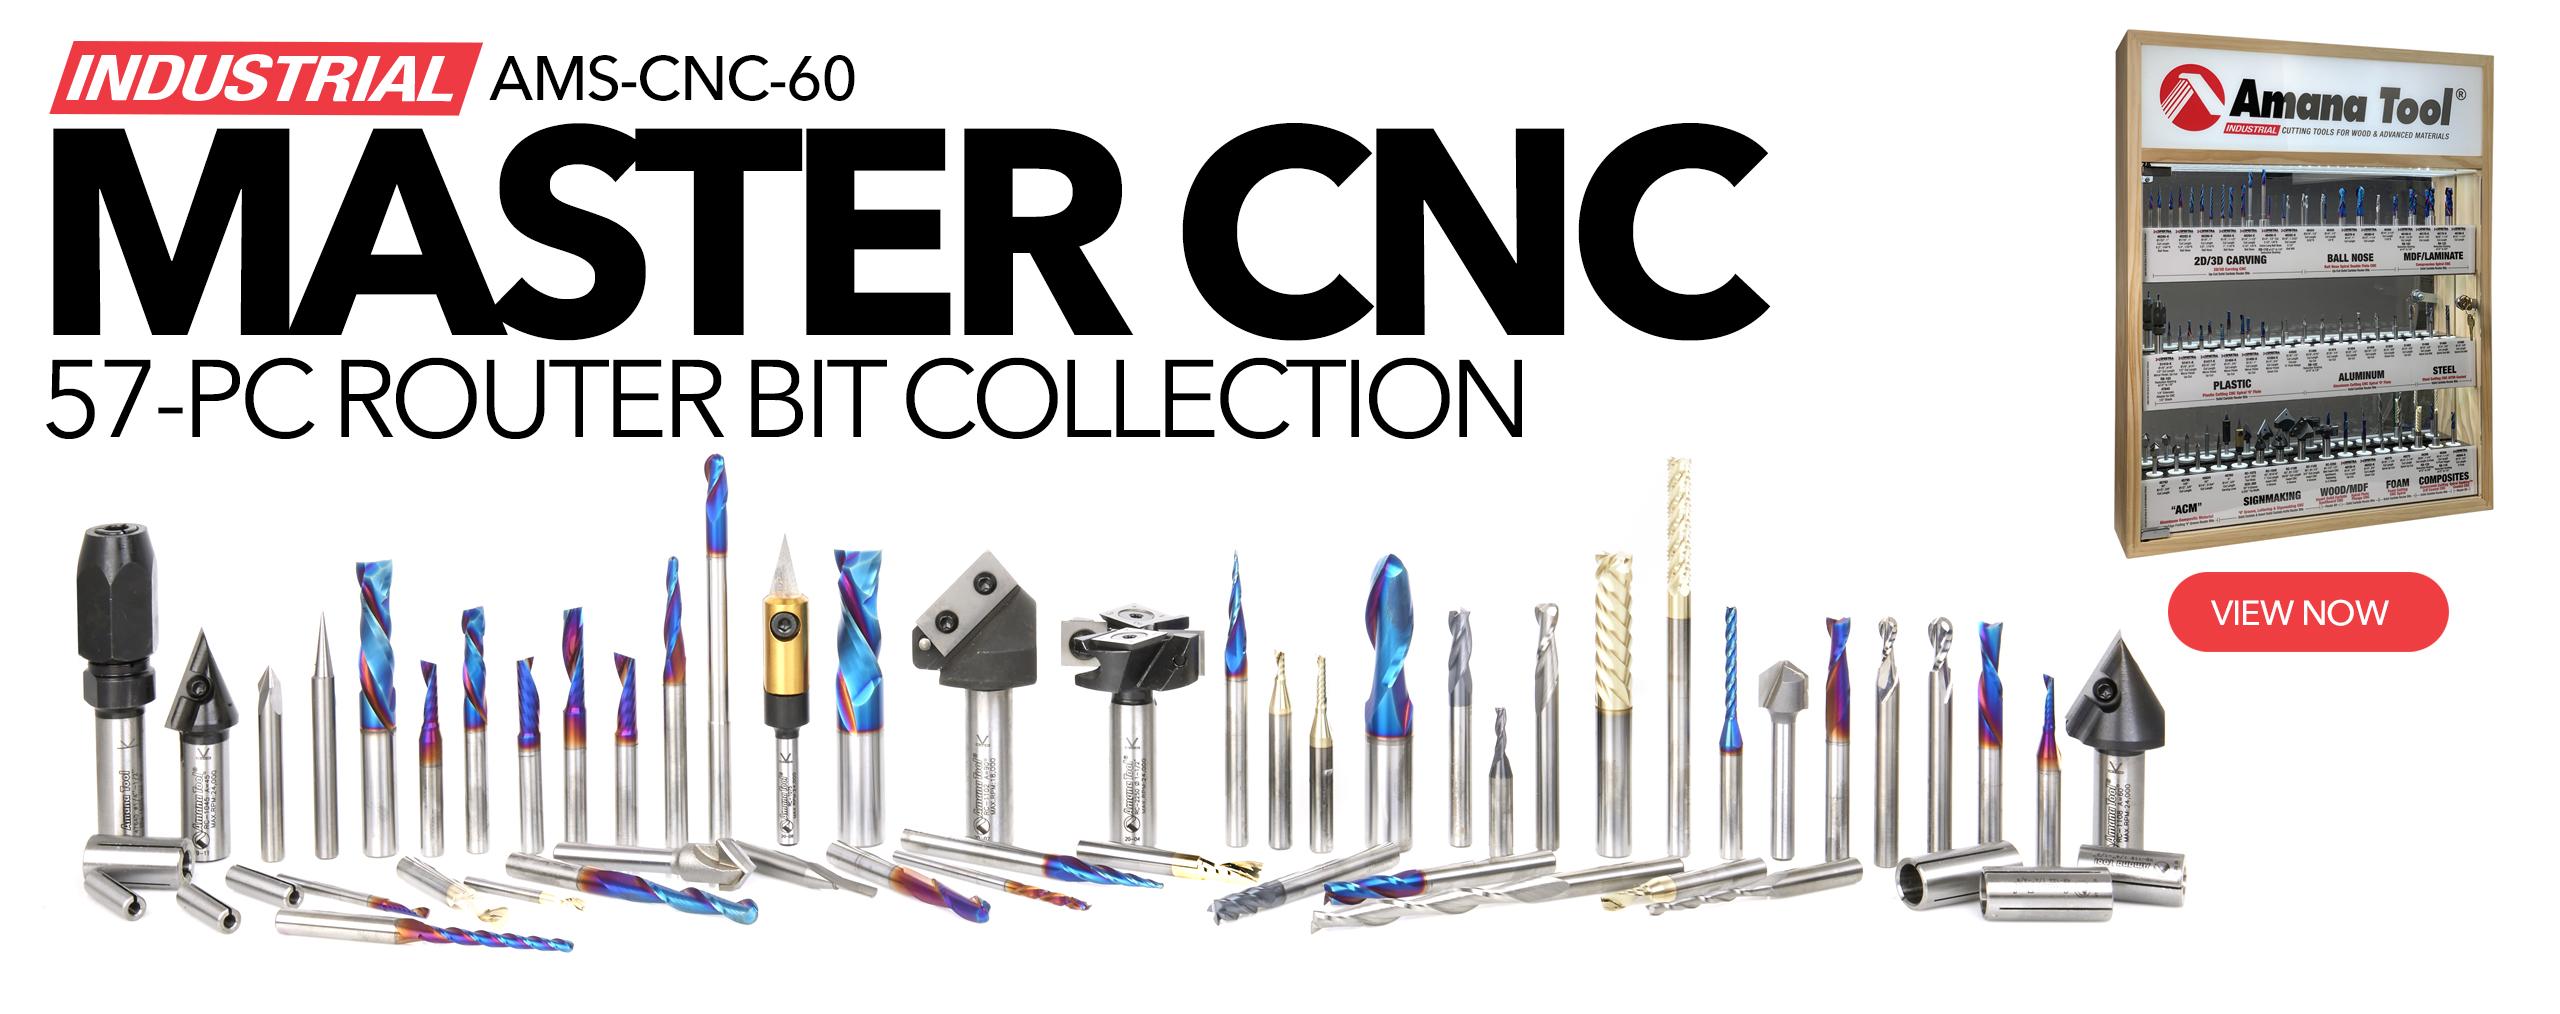 AMS-CNC-60 Master CNC Router Bit Collection, 57 PCS